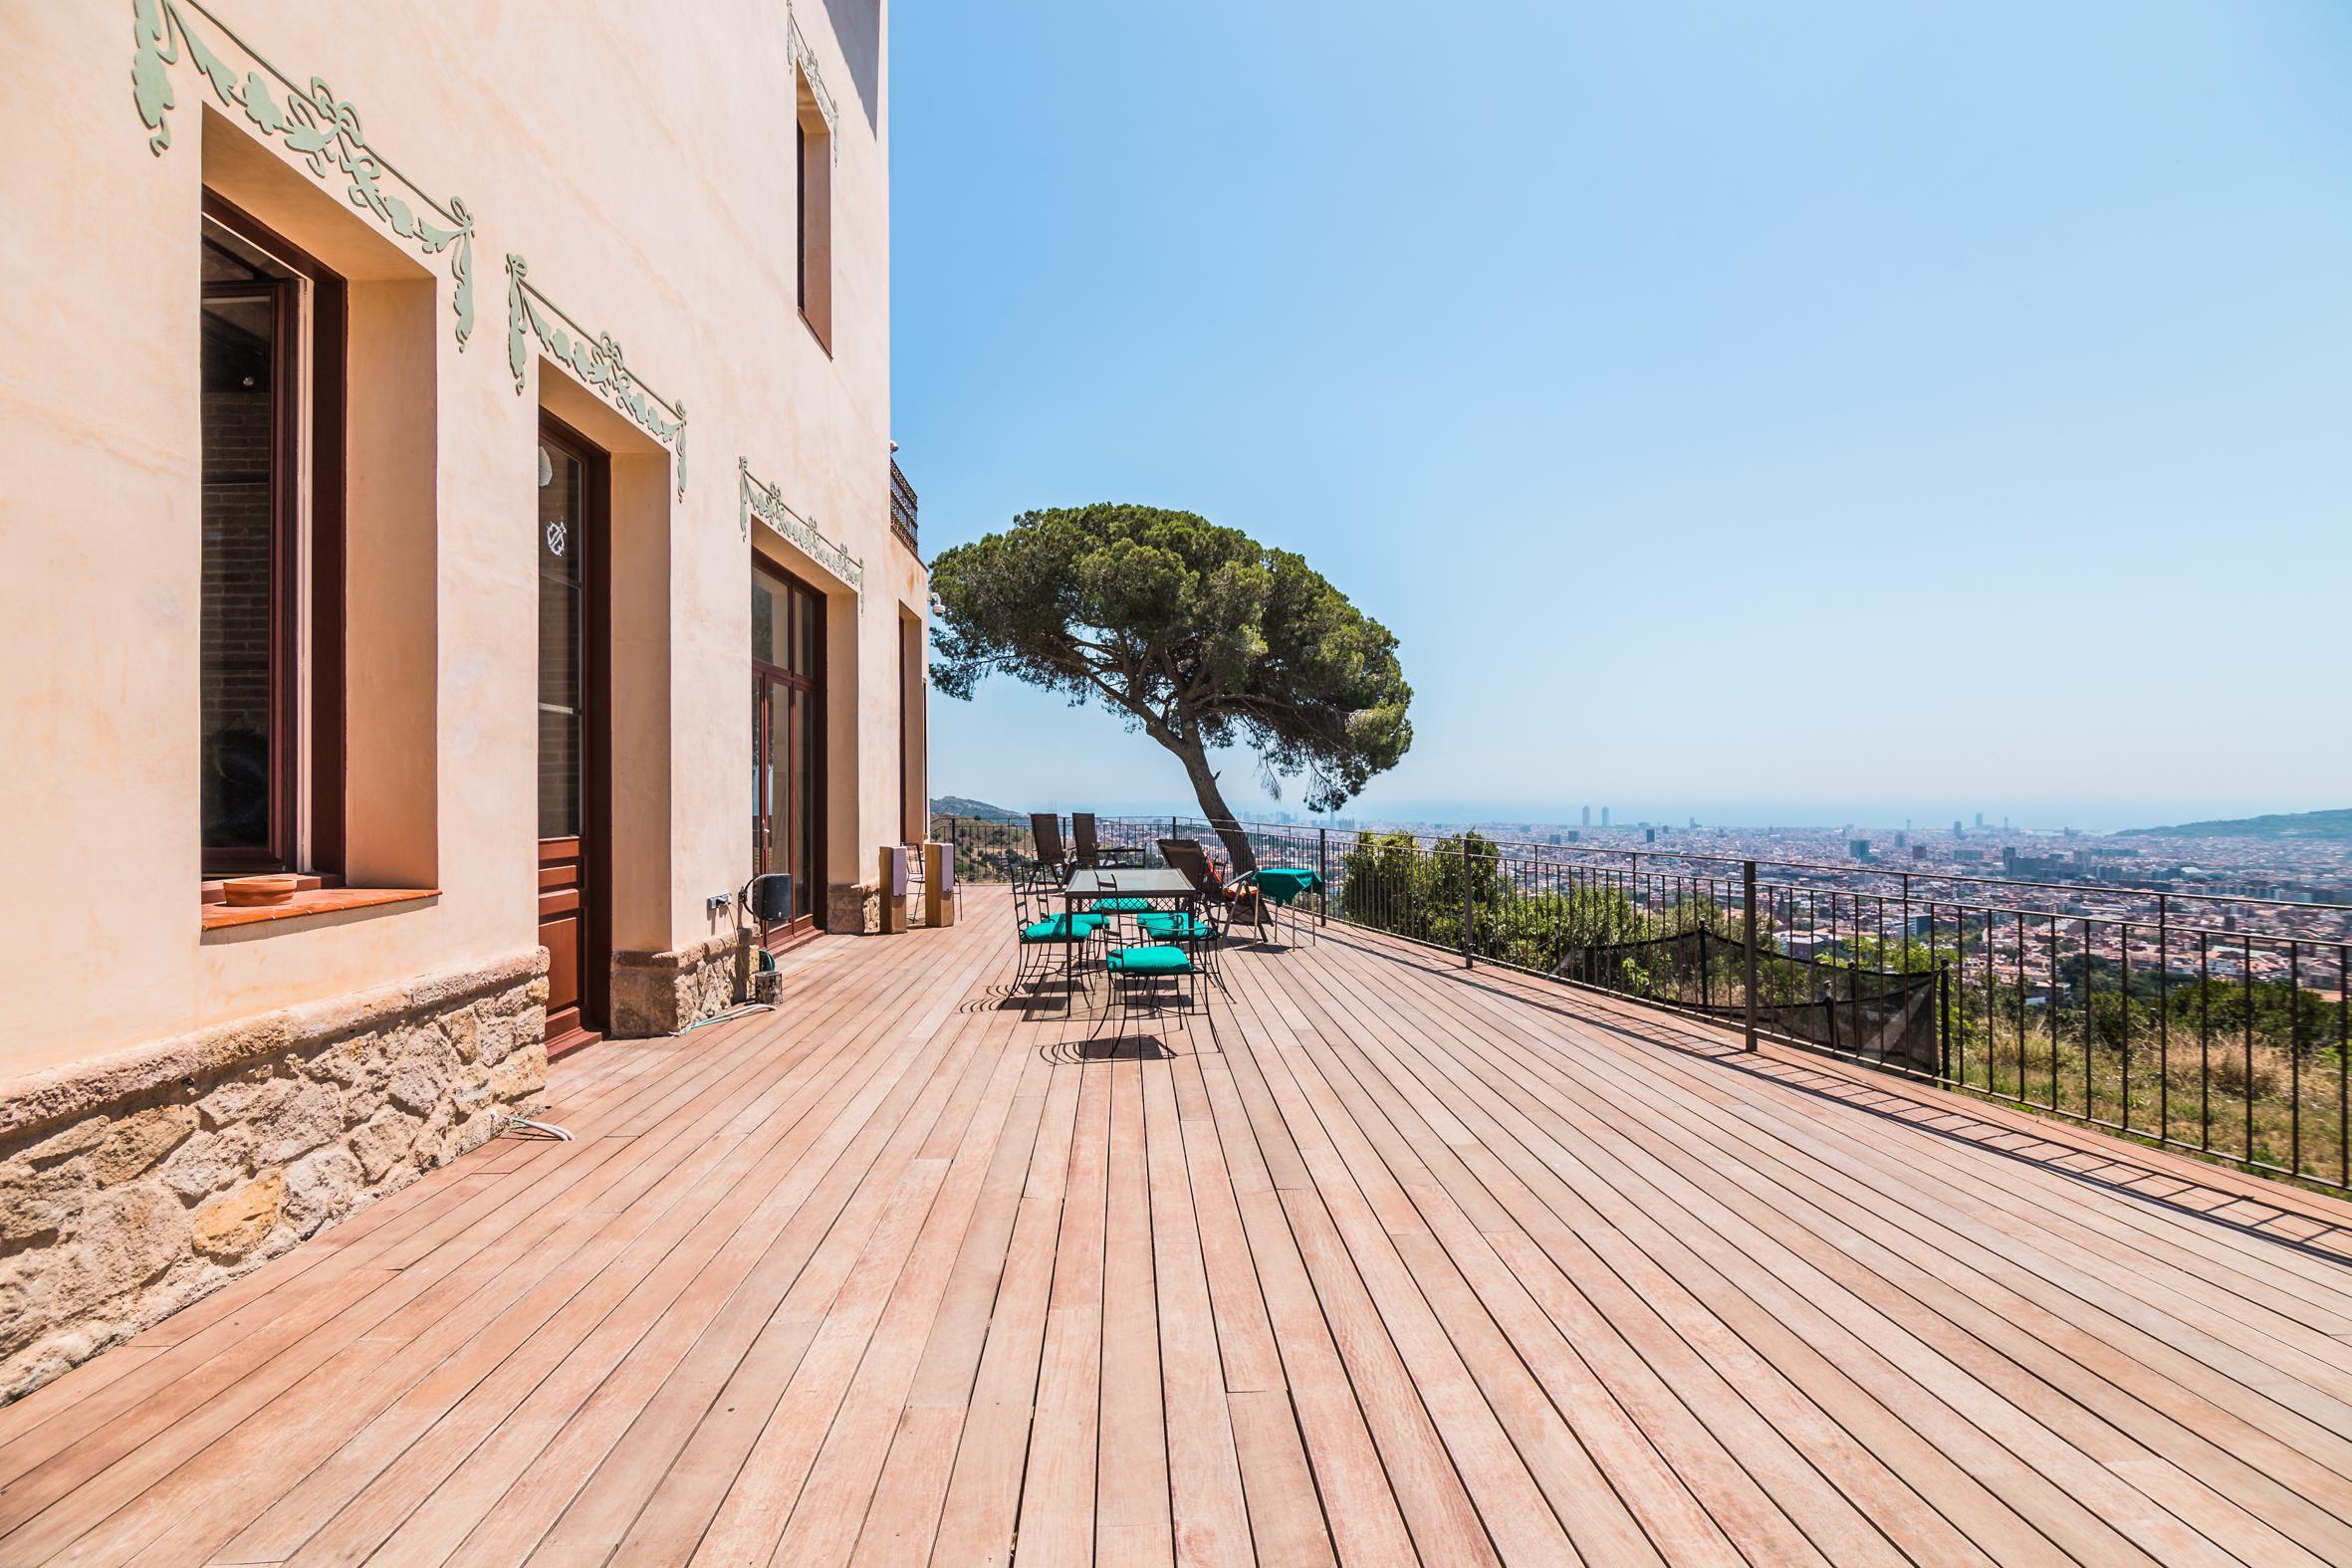 208148 Casa Aislada en venta en Sarrià-Sant Gervasi, Sarrià 14